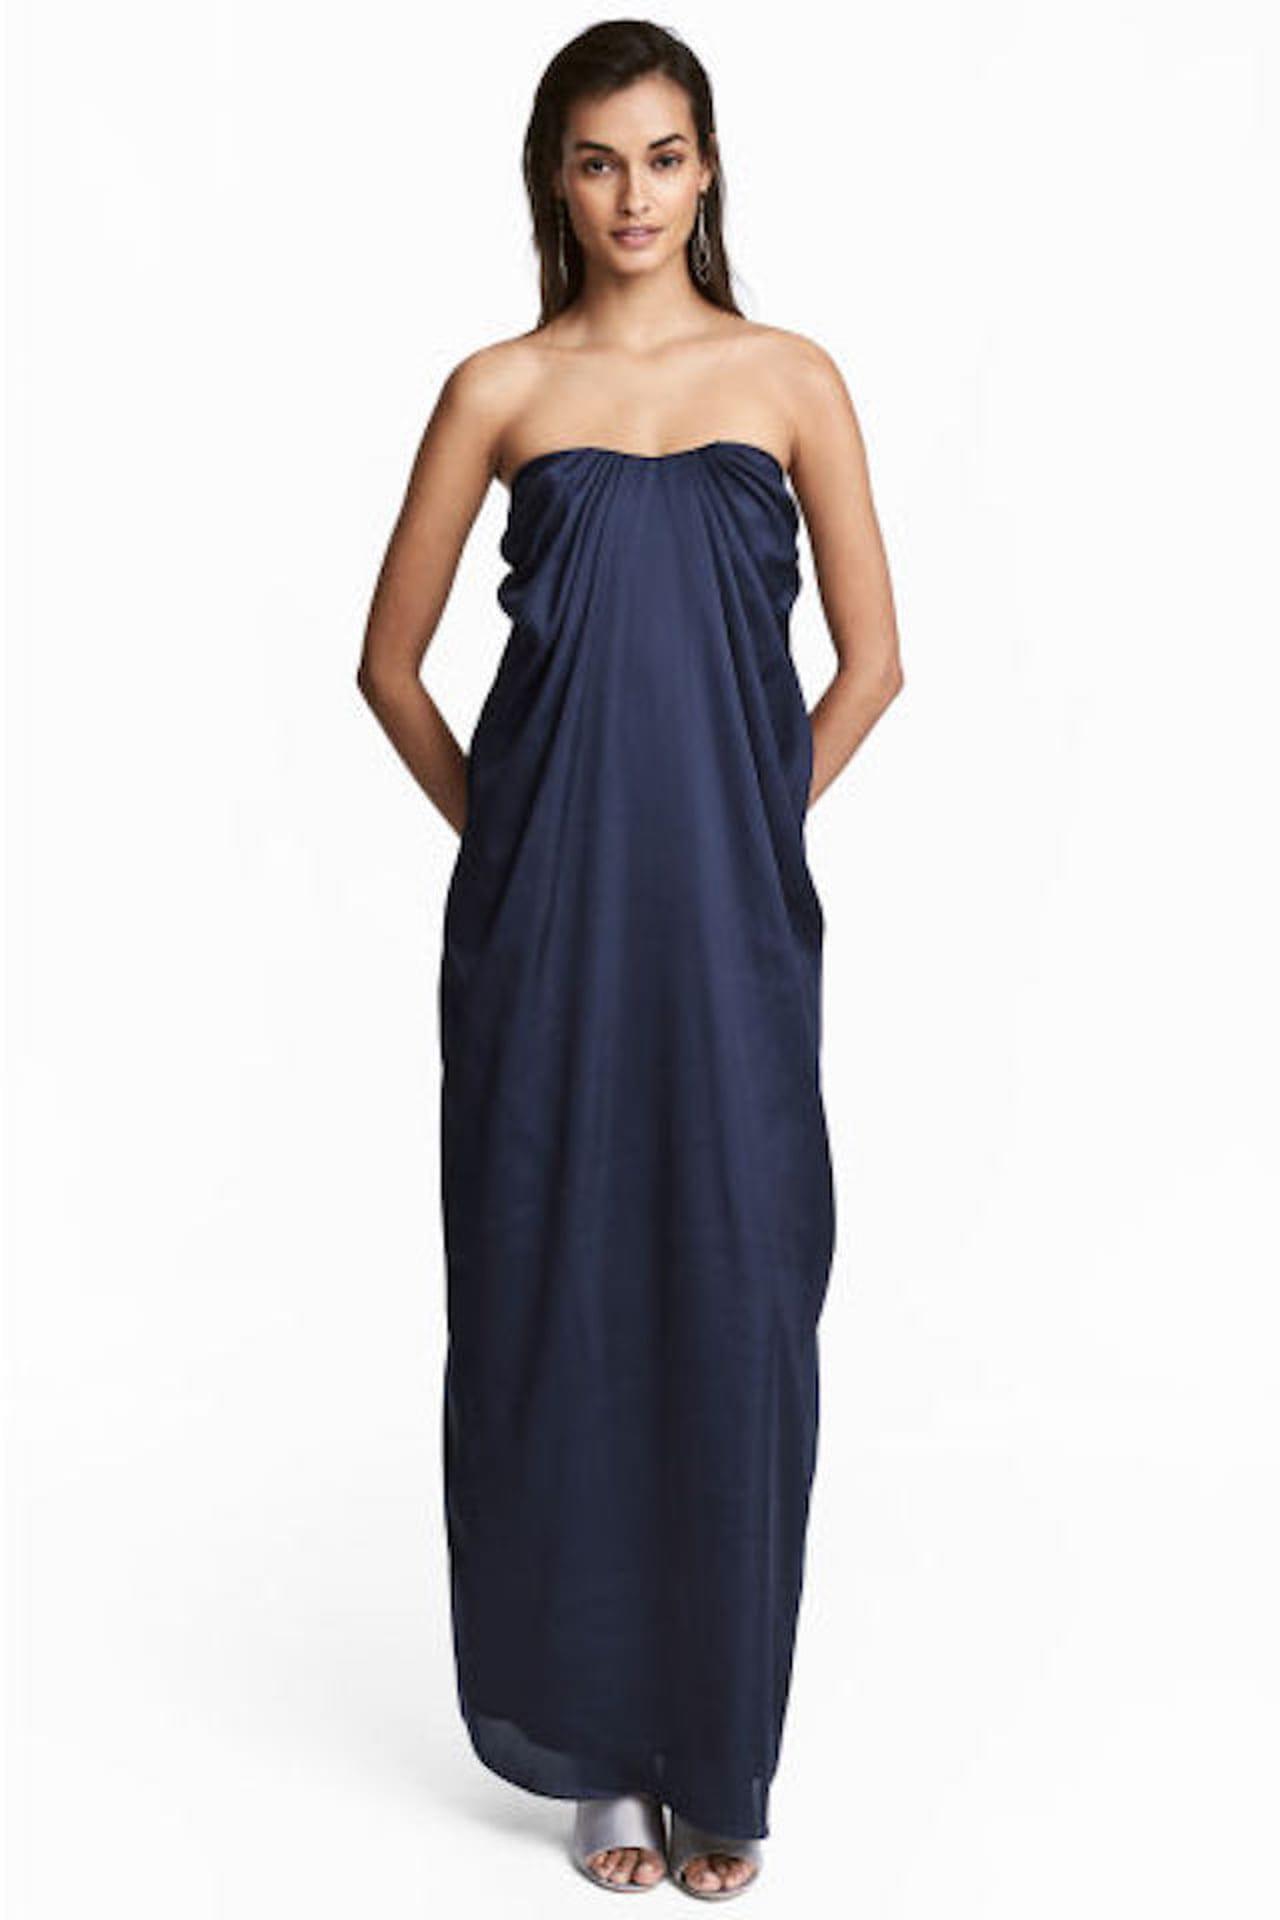 2d818ae356e9 Lungo e drappeggiato il long dress a palloncino proposto da H&M nella  collezione della Primavera/Estate. © H&M